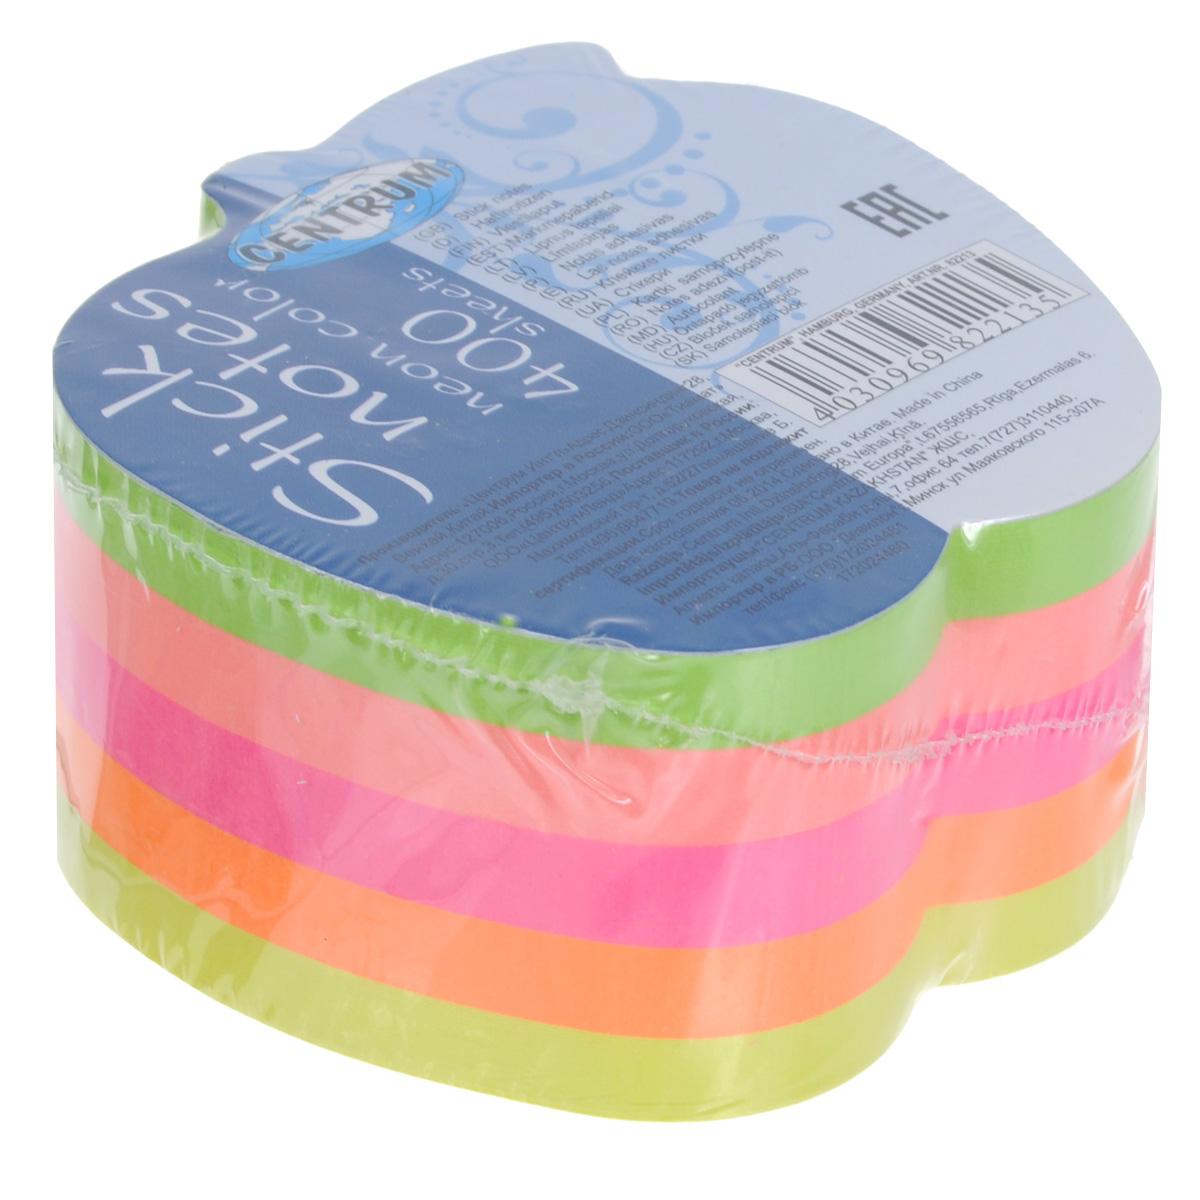 Блок для записей Centrum, с липким слоем, 7,2 см х 7 см блок закладка с липким слоем разм 12х44мм пластик 5 цветов по 25л диспенс с ев п